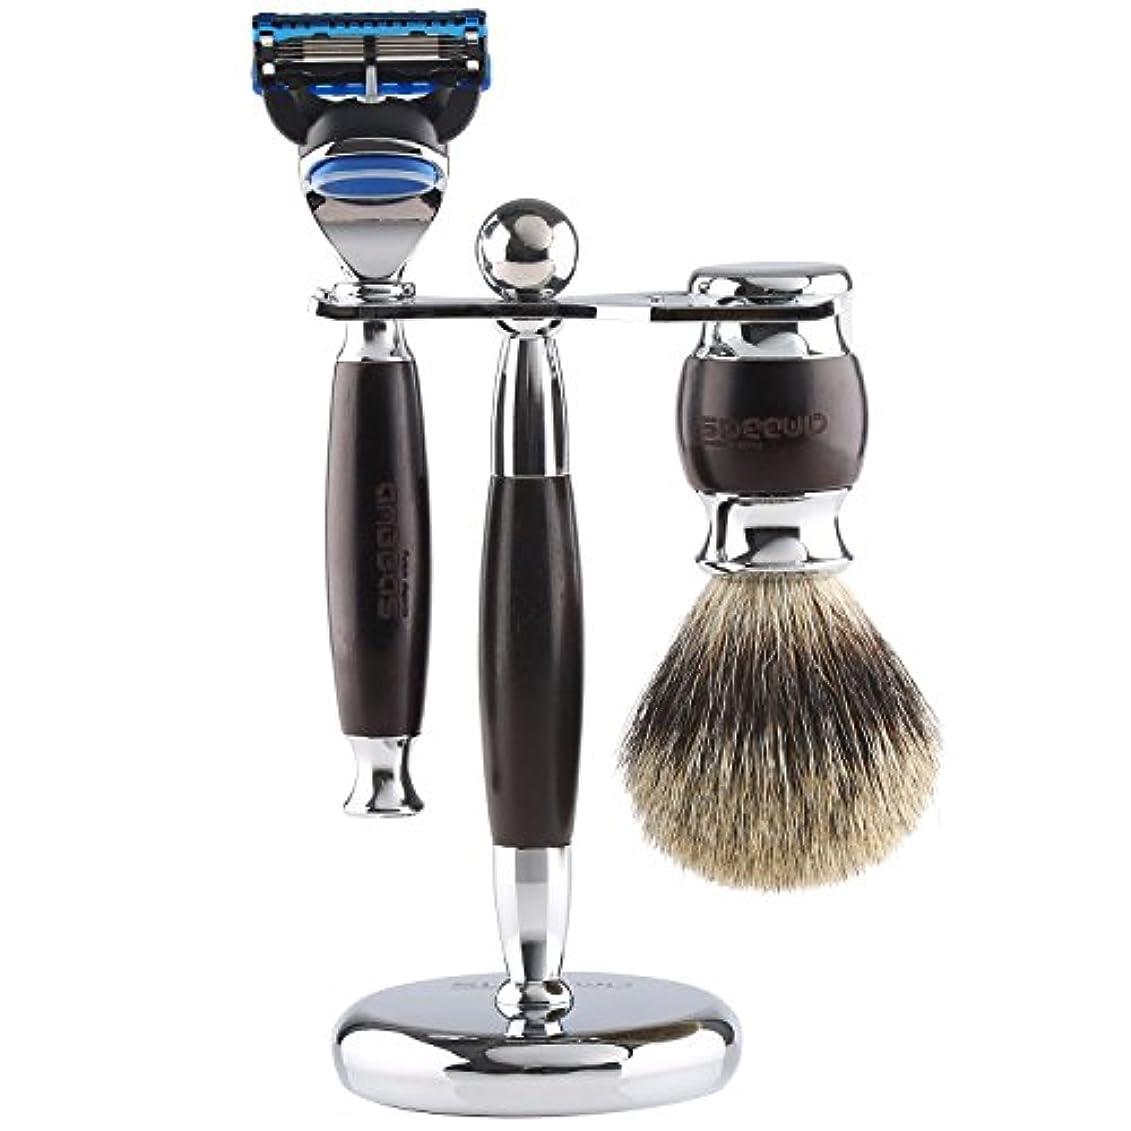 衣服助けてステープルEasy Raku®Anbbas 3in1 クラシックシェービングブラシセット 剃刀スタンド アナグマ毛シェービングブラシ シェービングカートリッジ 剃刀ハンドル メンズ